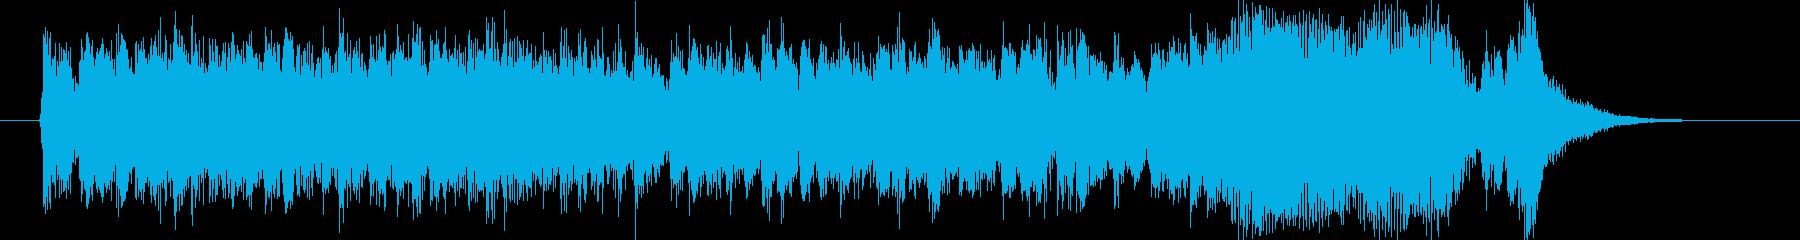 壮大で迫力のあるシンセ打楽器サウンドの再生済みの波形